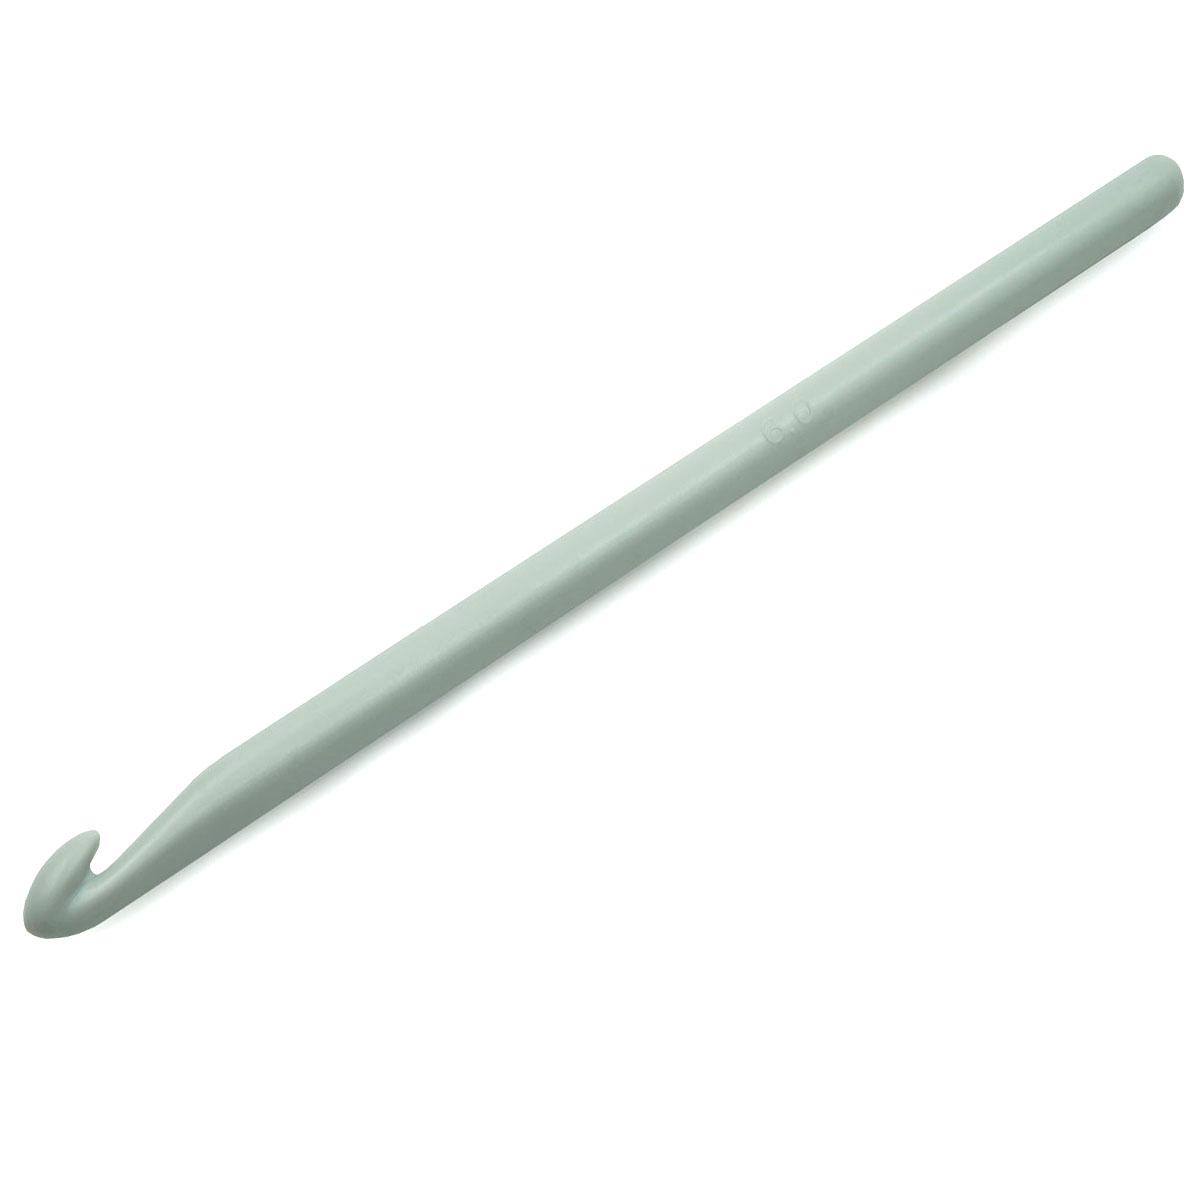 218499 Крючок для вязания, пластик, 6 мм*14 см, Prym